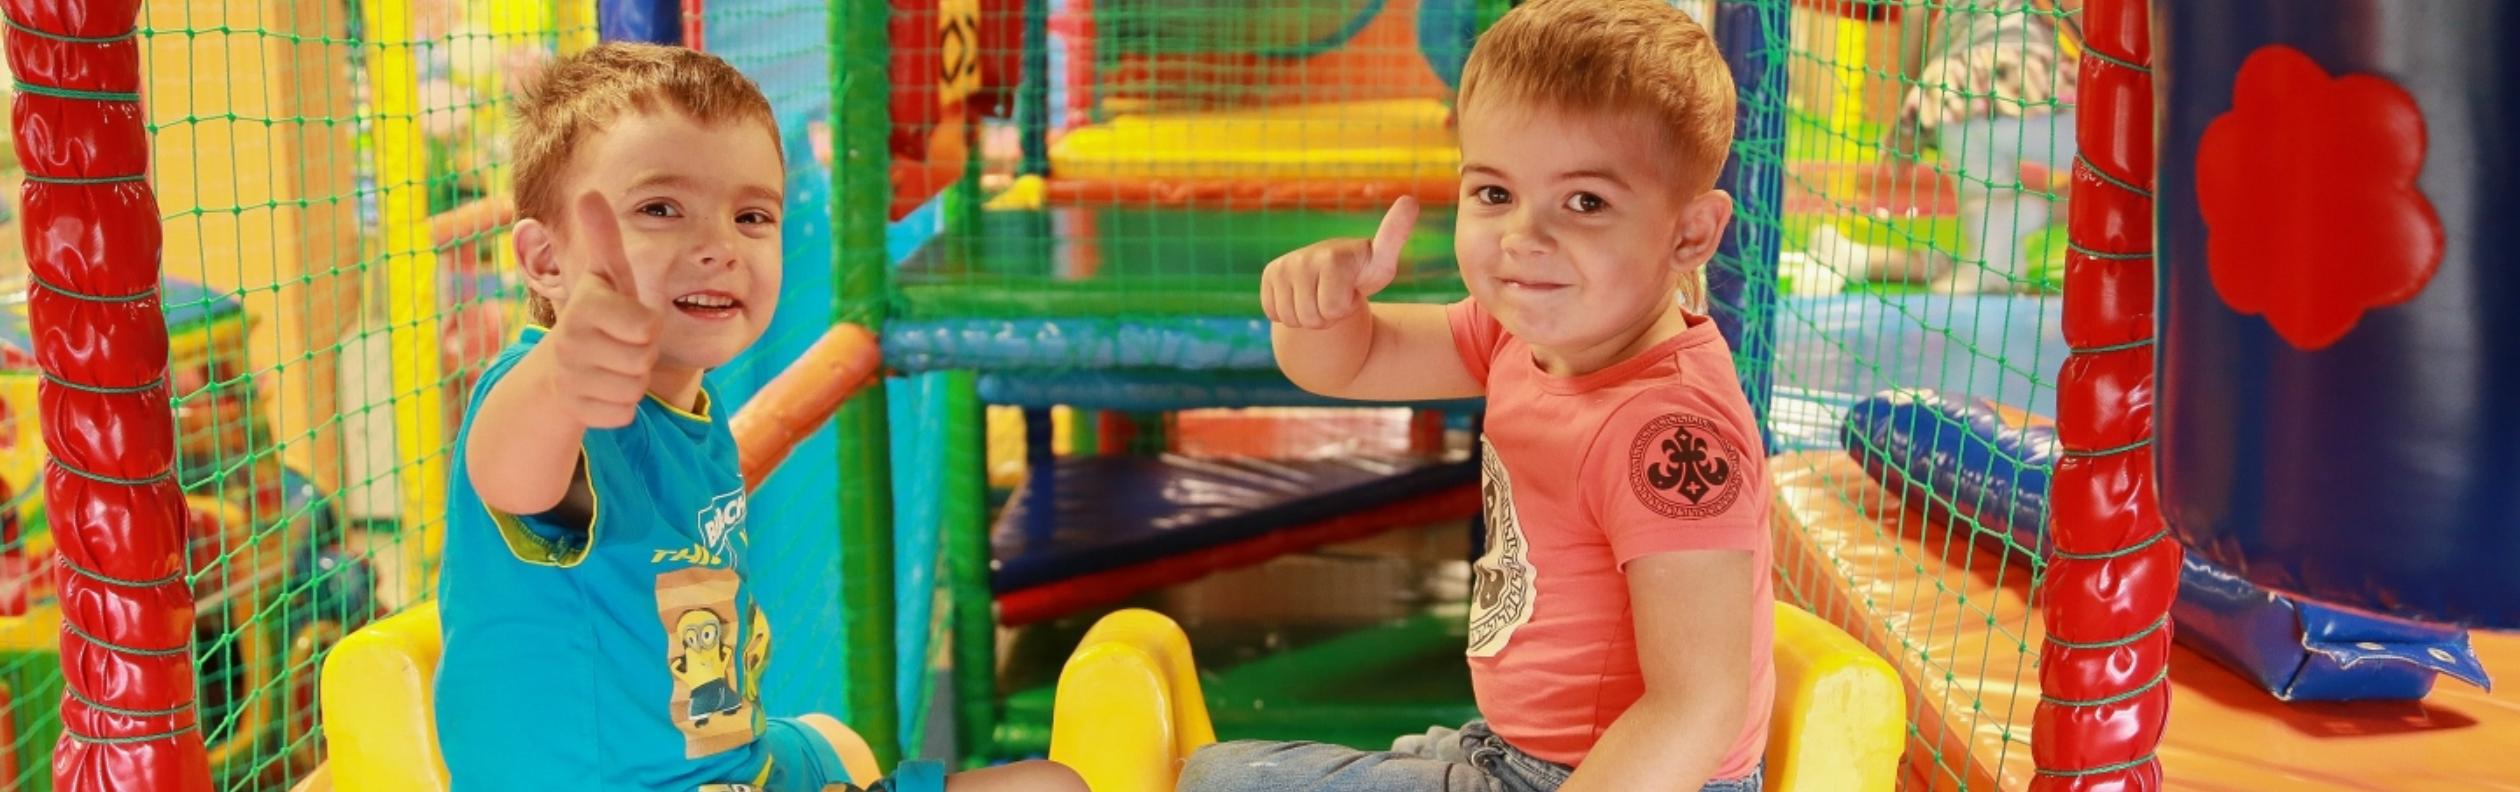 В Мельницком переулке Москвы появится детский спортивный комплекс